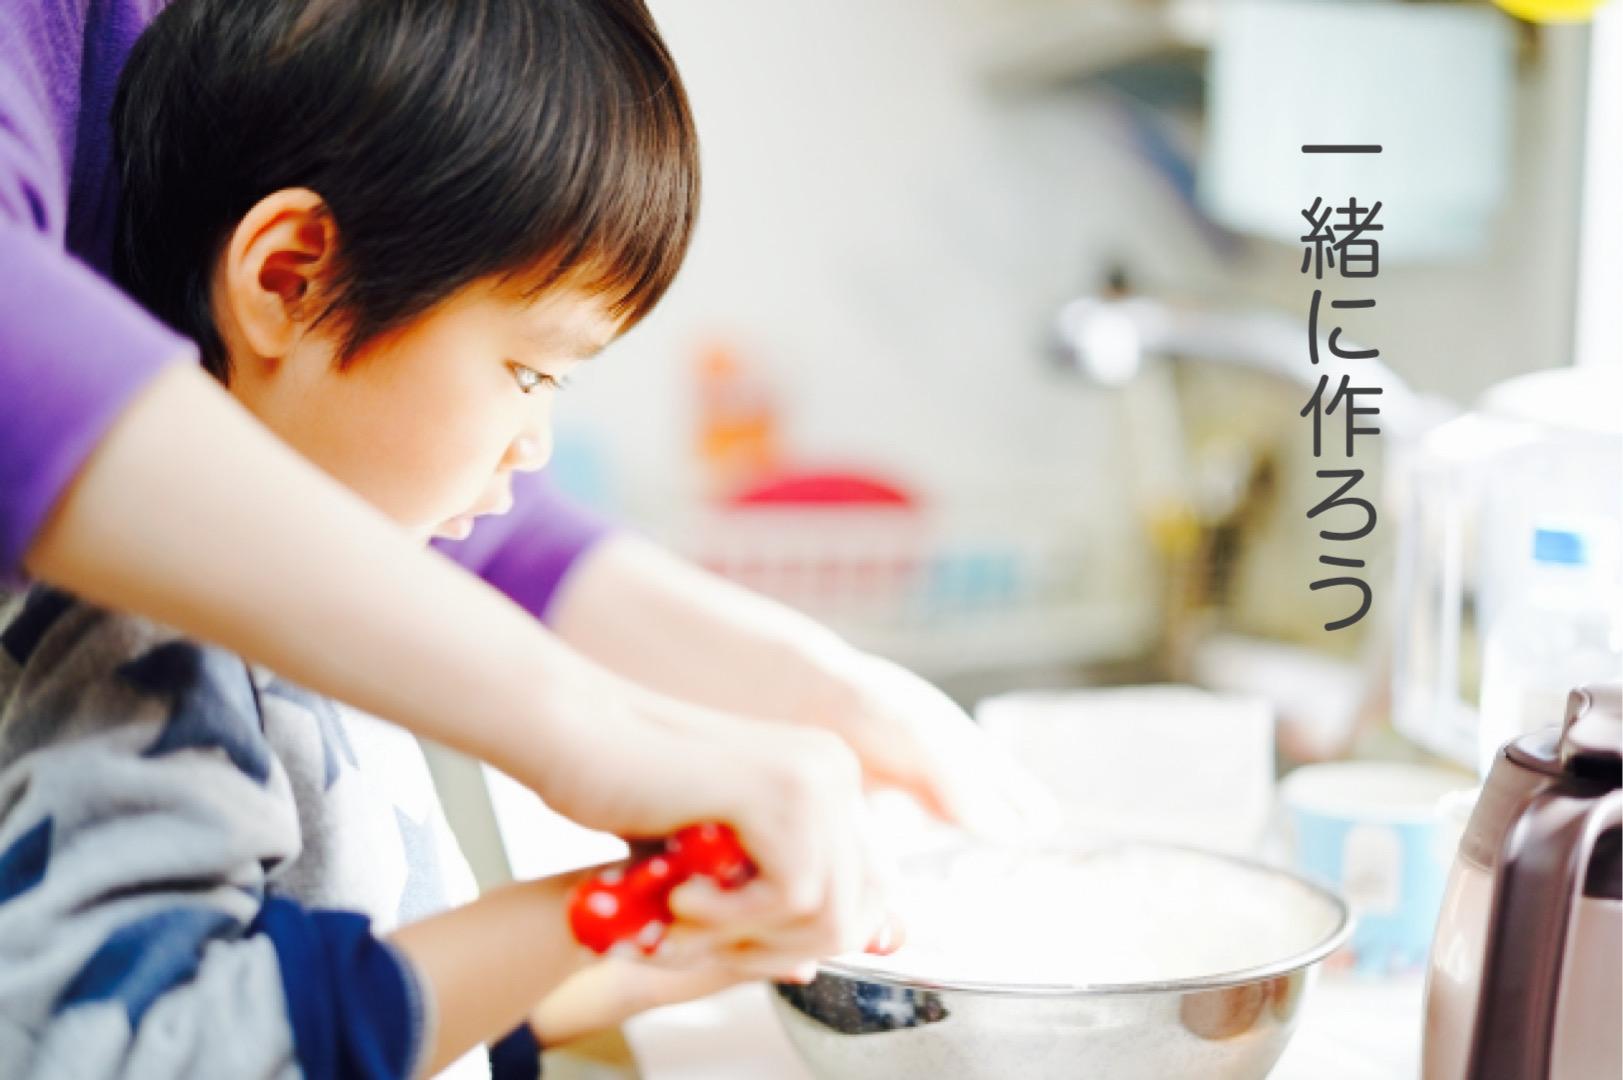 Cookies Stamp紹介画像2